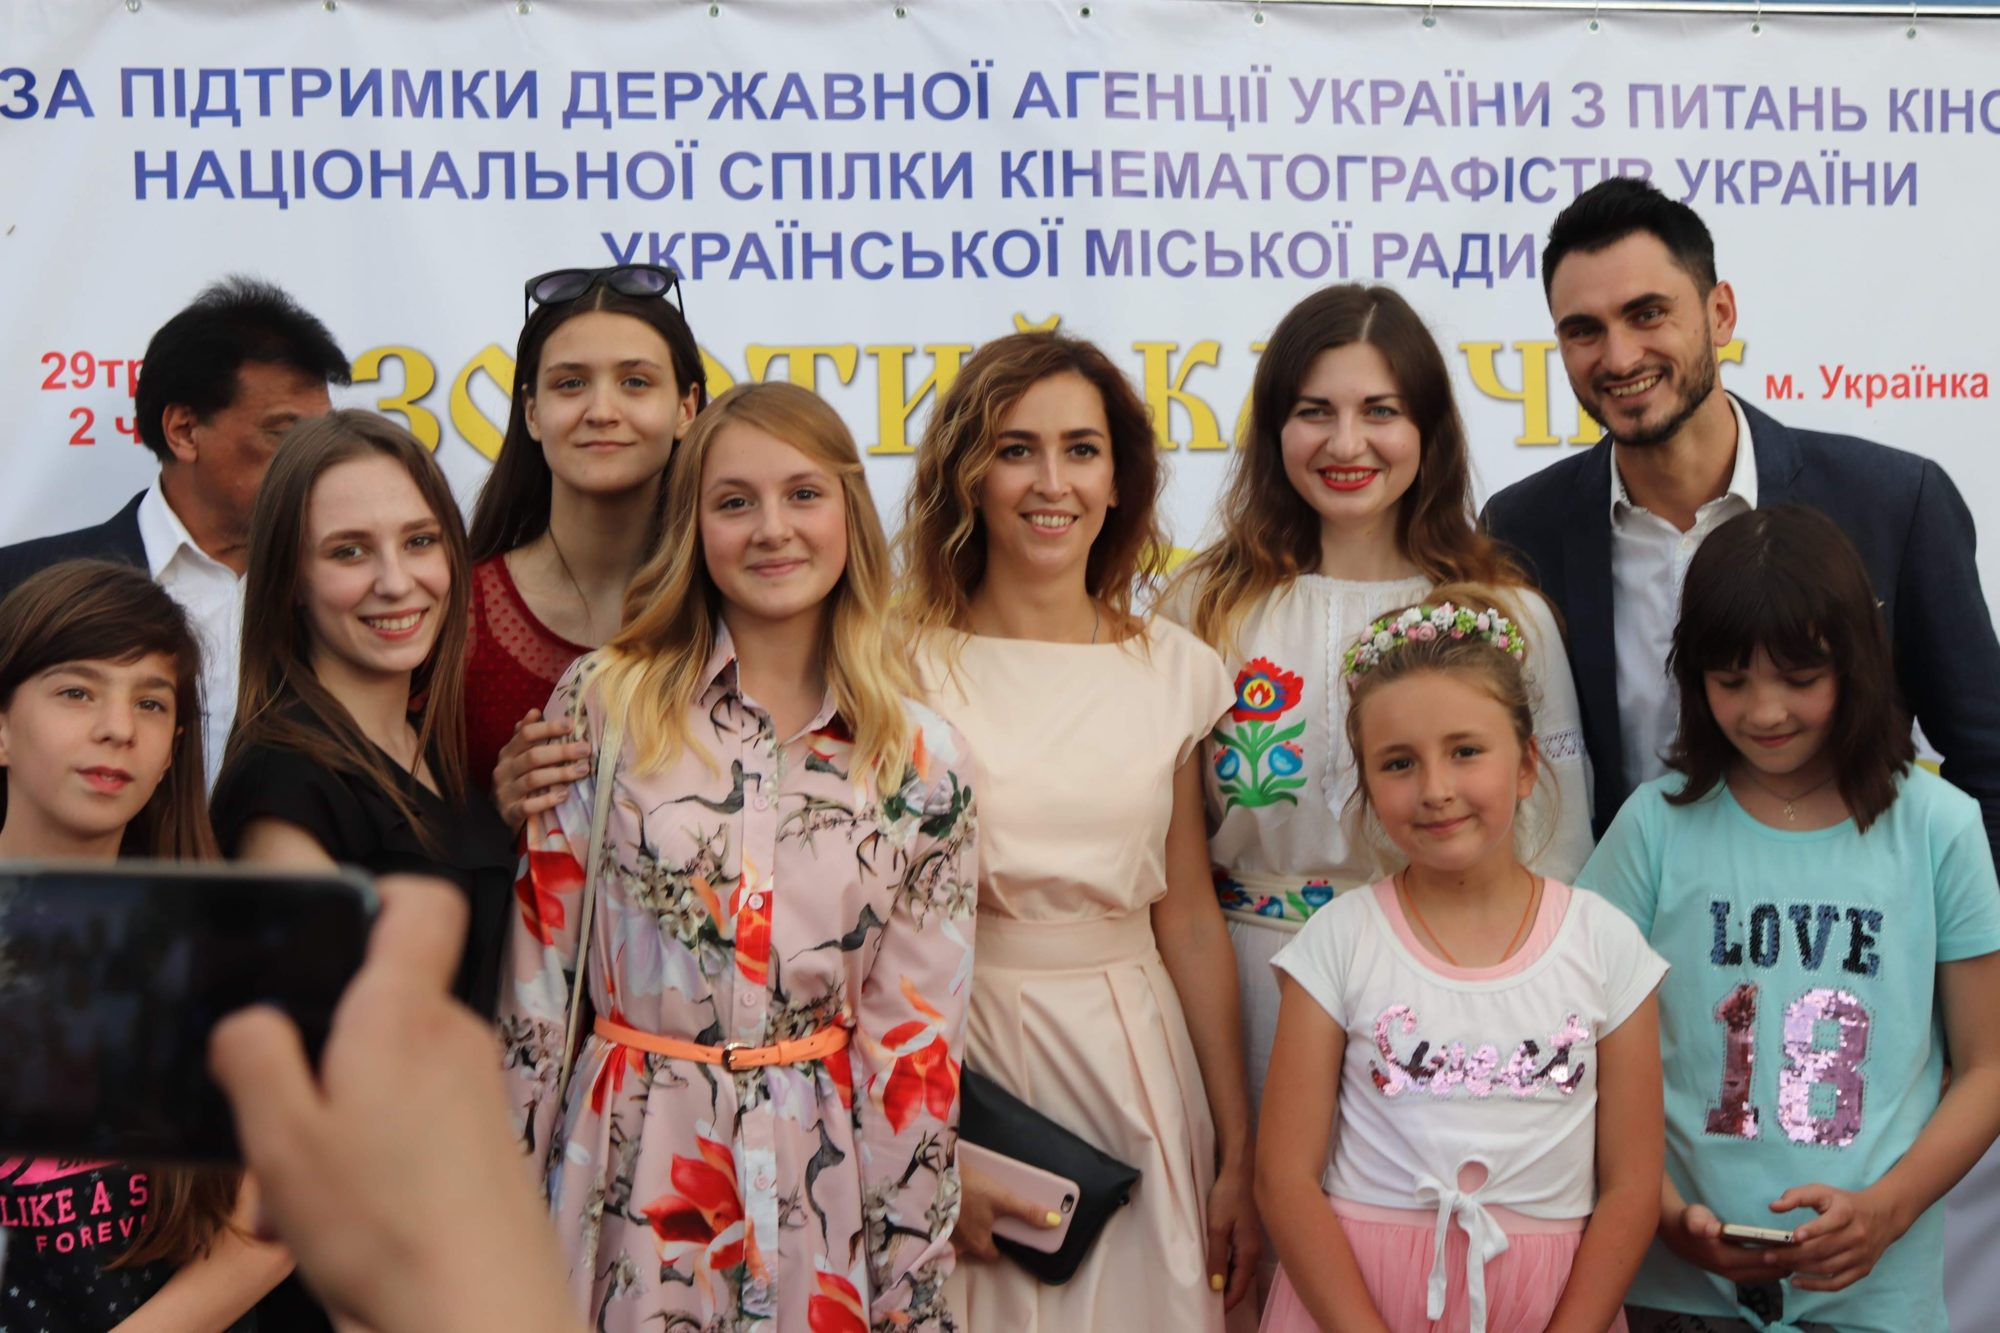 В Українці стартував міжнародний фестиваль «Золотий ключик» -  - CA6315F8 2516 4AE2 AA98 10155CBF4EA9 2000x1333